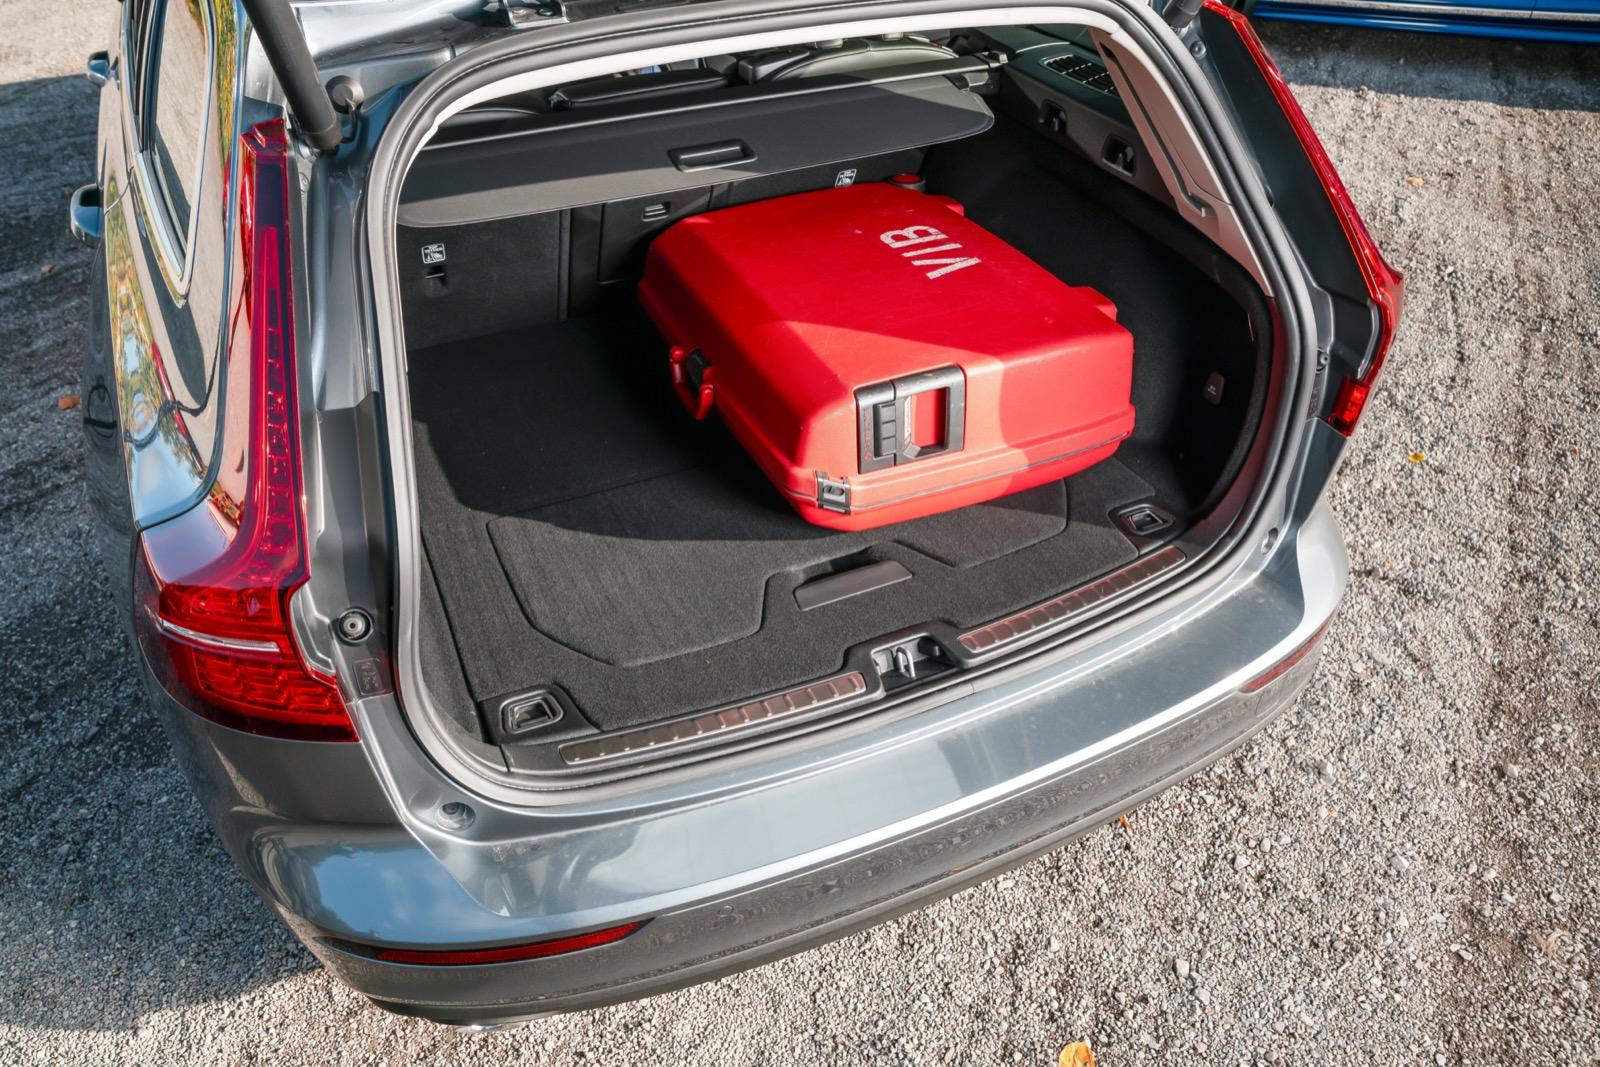 V60 erbjuder det bredaste lastutrymmet. Trots att det sväljer ungefär lika många drickabackar som 3-serien är Volvon betydligt mer lättstuvad. Tyvärr har nya V60 bara tvådelat baksäte med 60/40-fällning, inte 40/20/40 som sin föregångare.